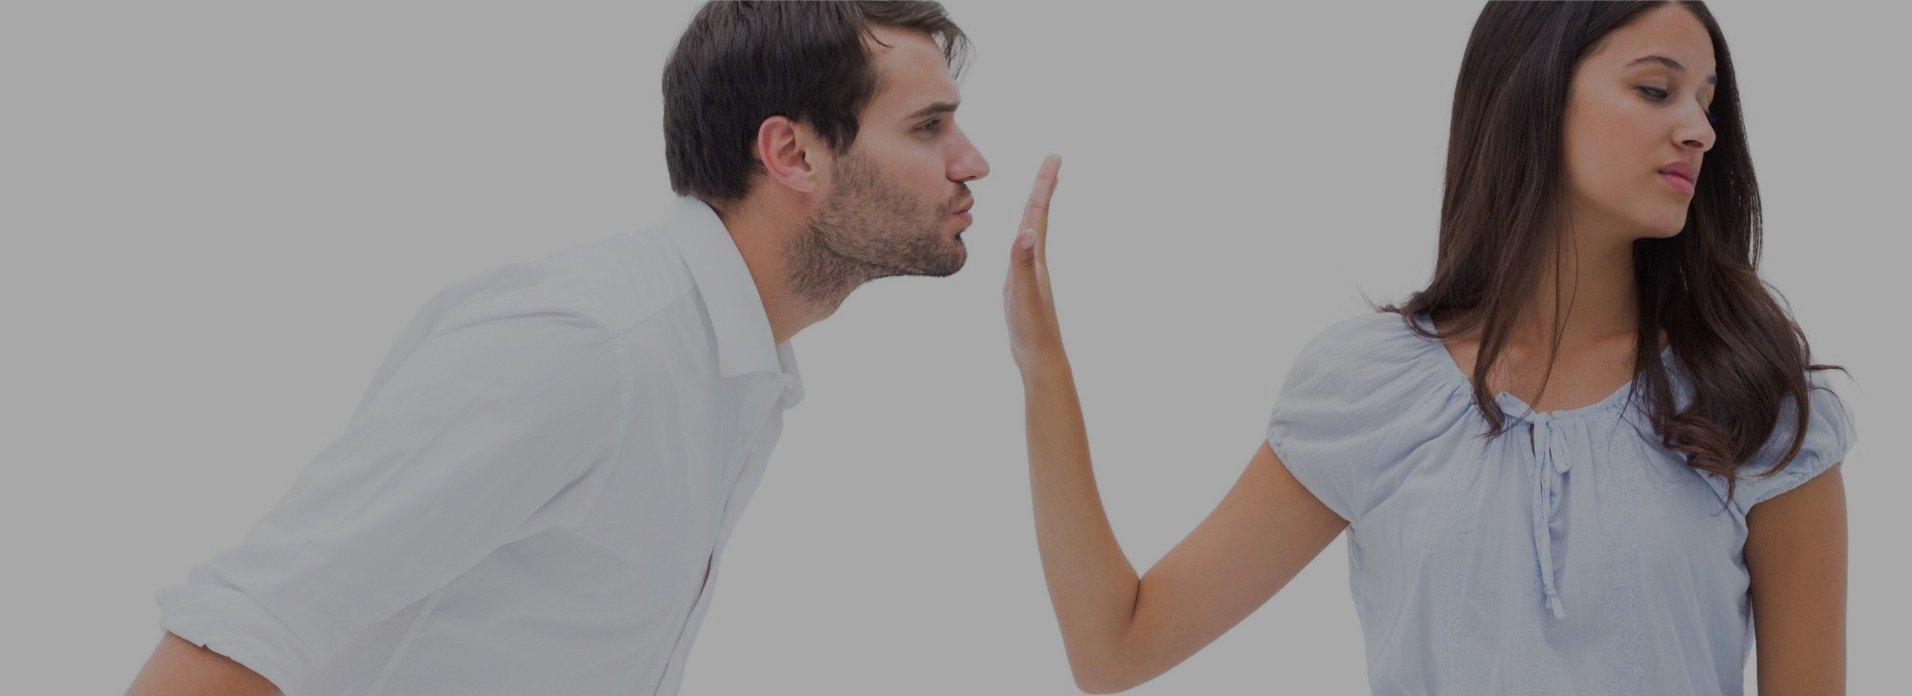 mon ex a commencé à sortir avec quelqu'un d'autre tout de suite